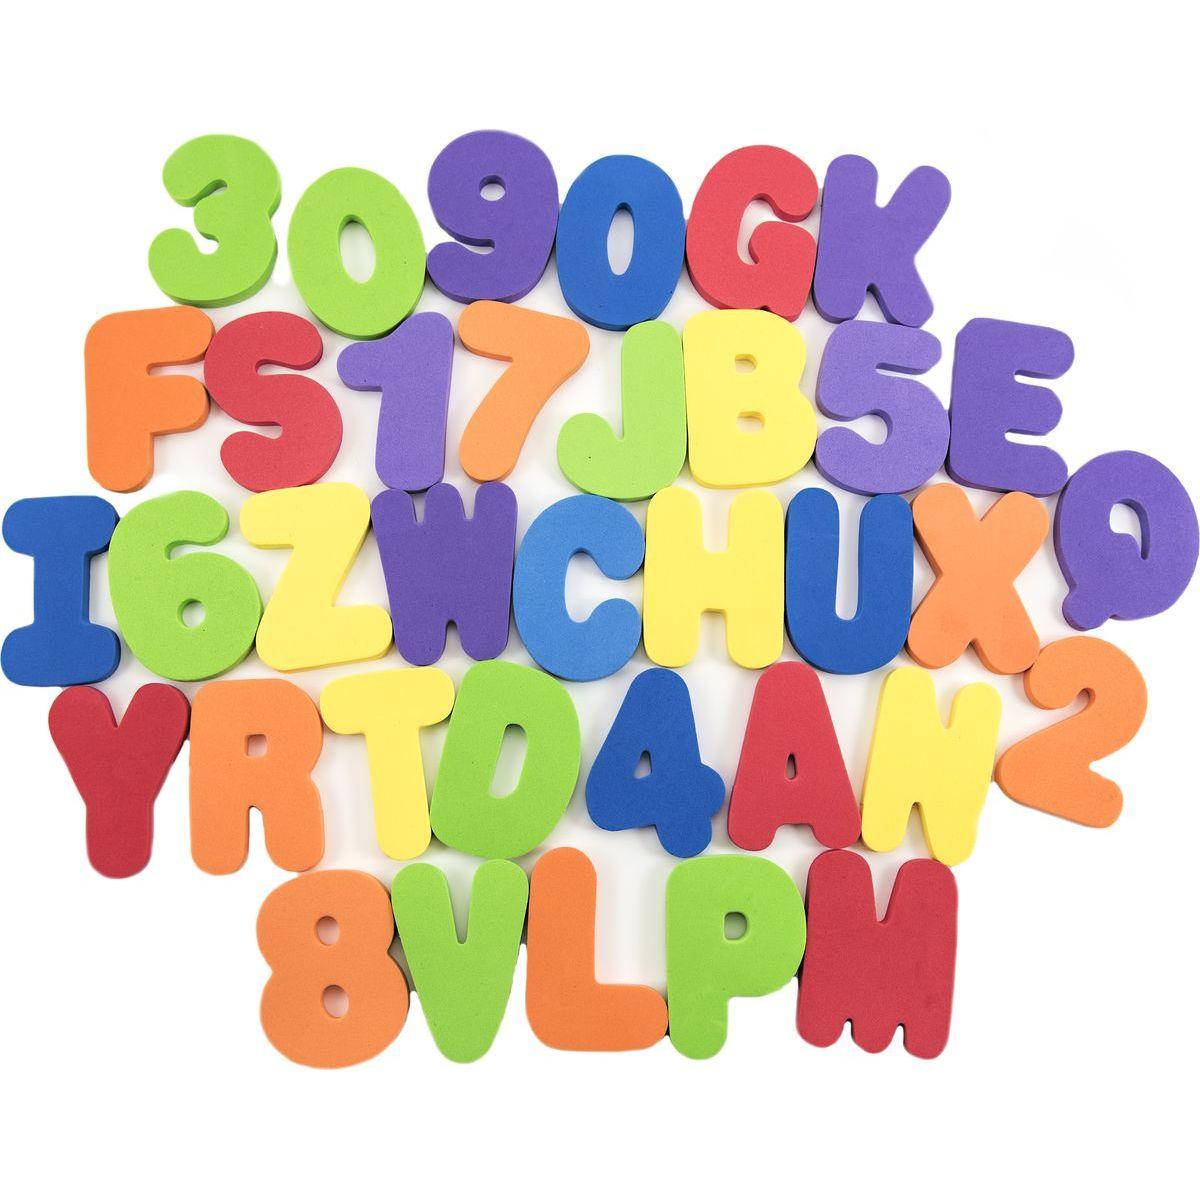 Penová písmená a číslice vodolepky 8cm